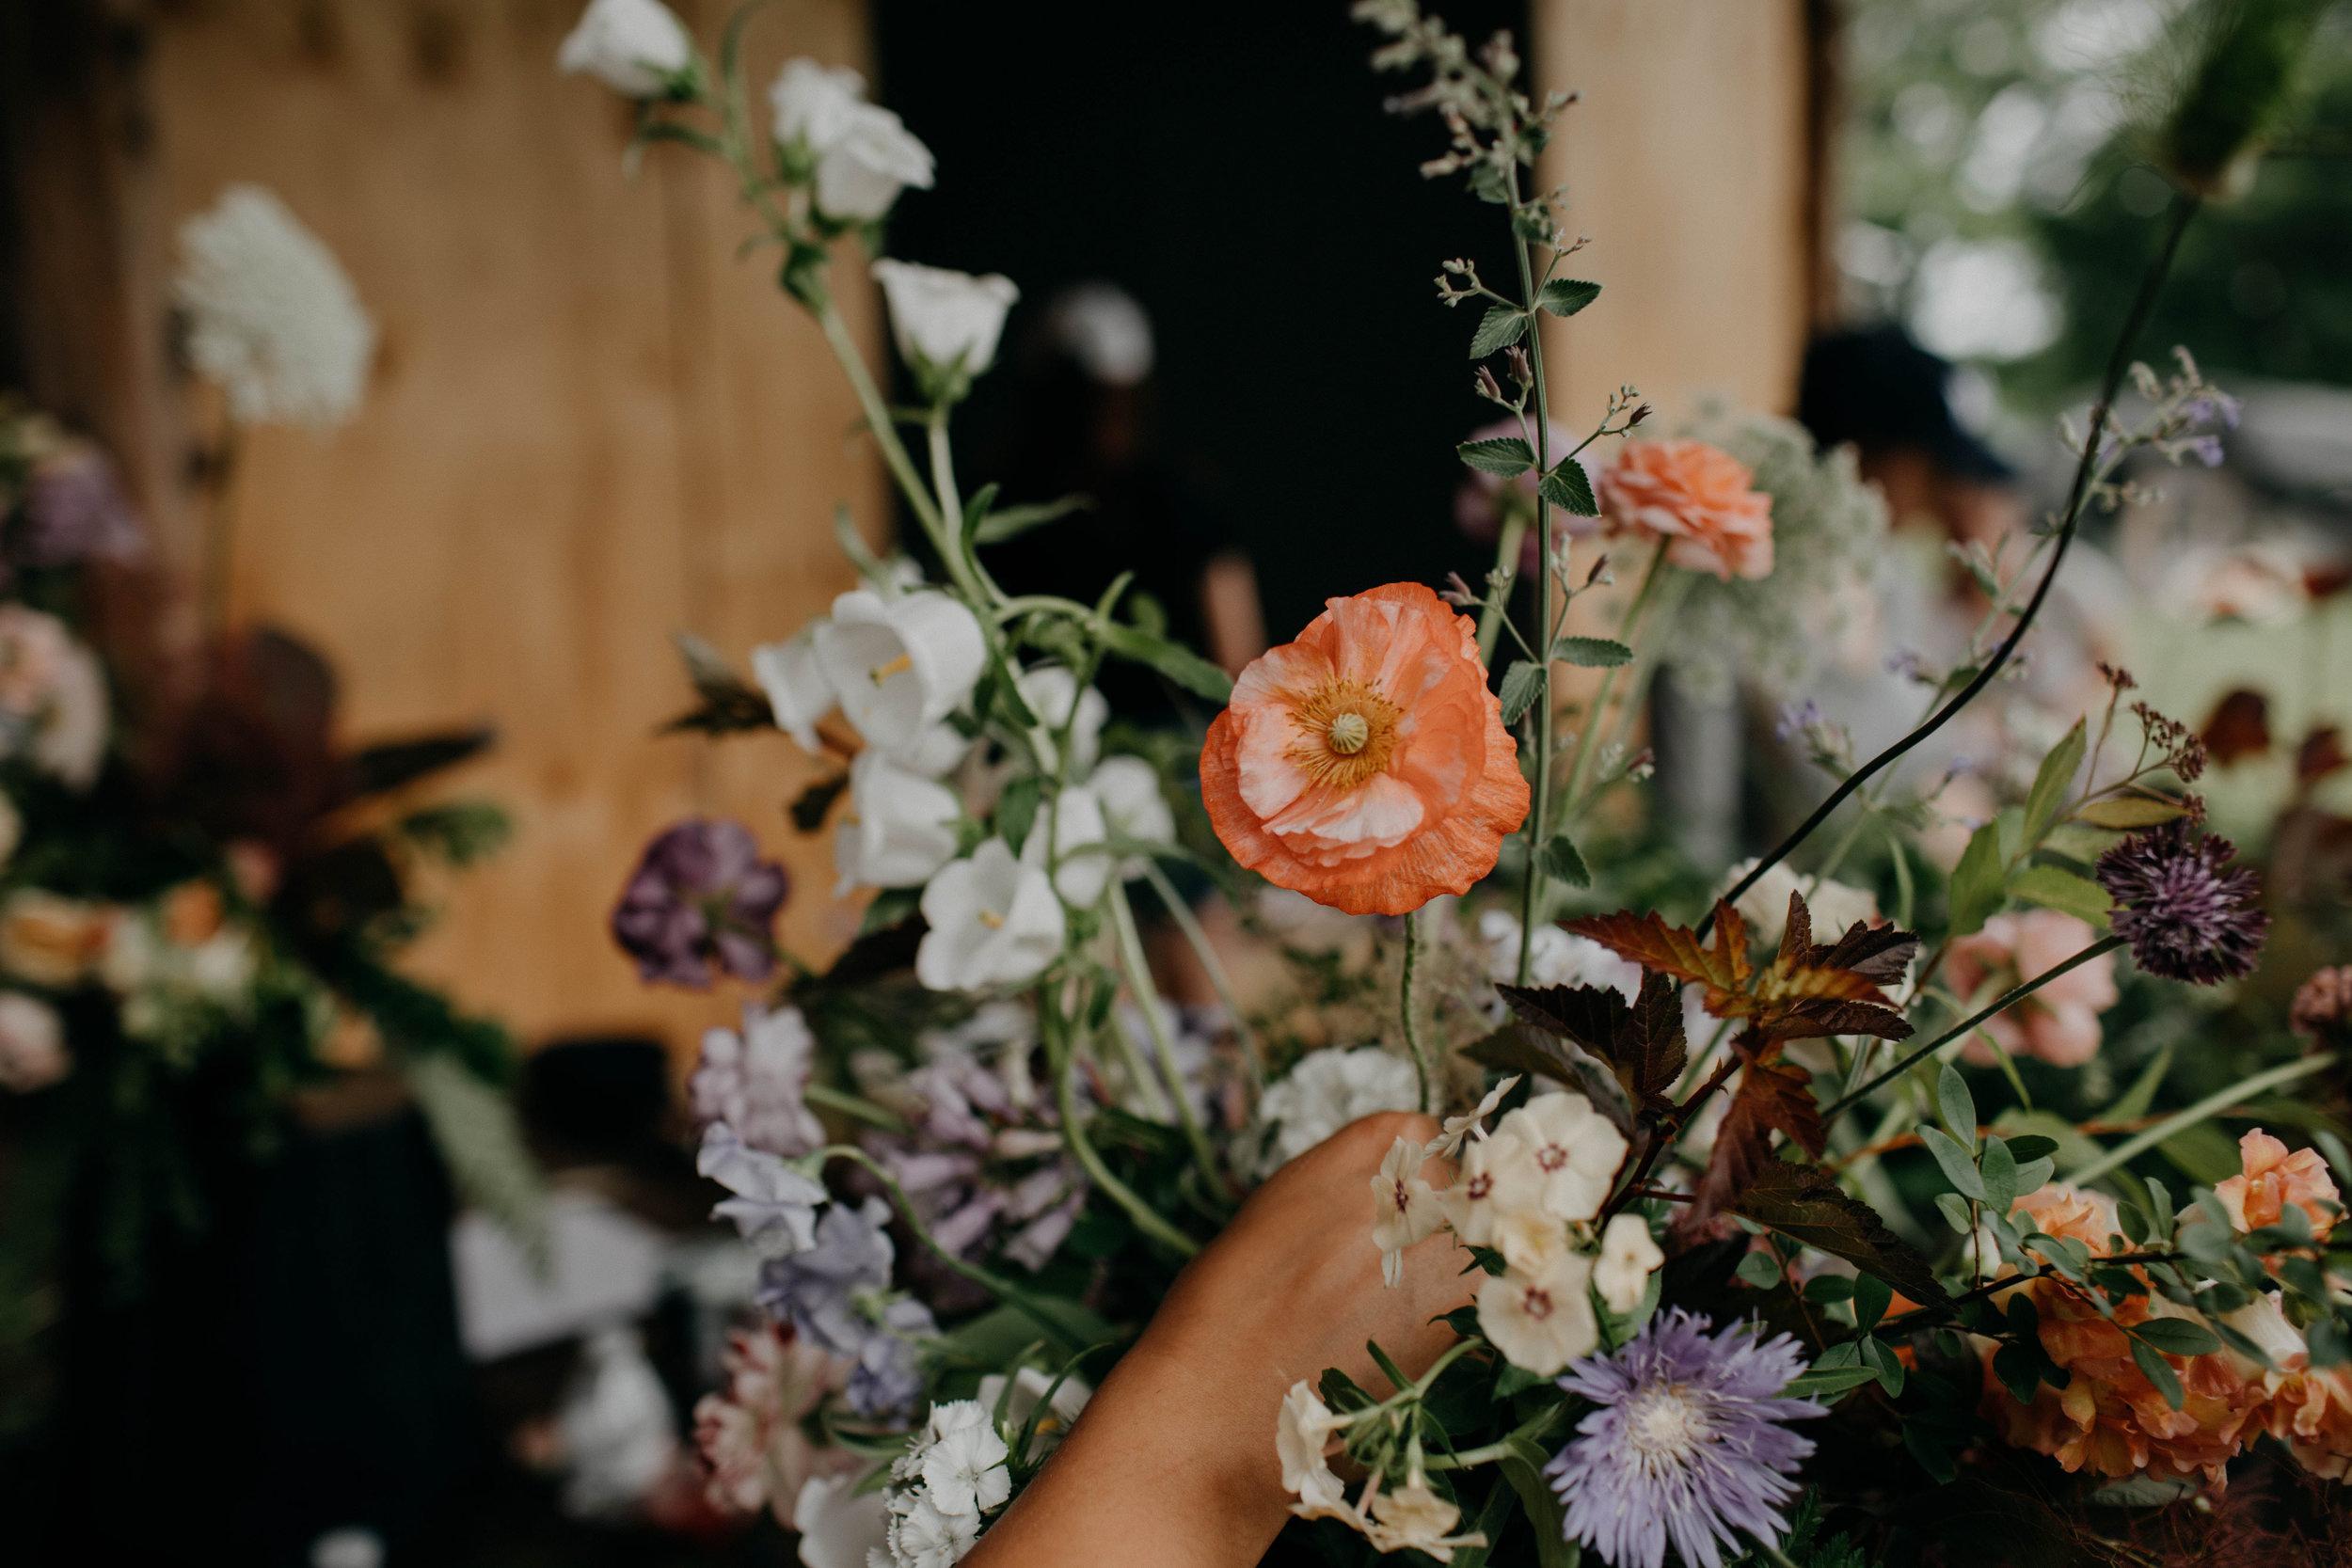 nashville floral workshop nashville tennessee wedding photographer67.jpg